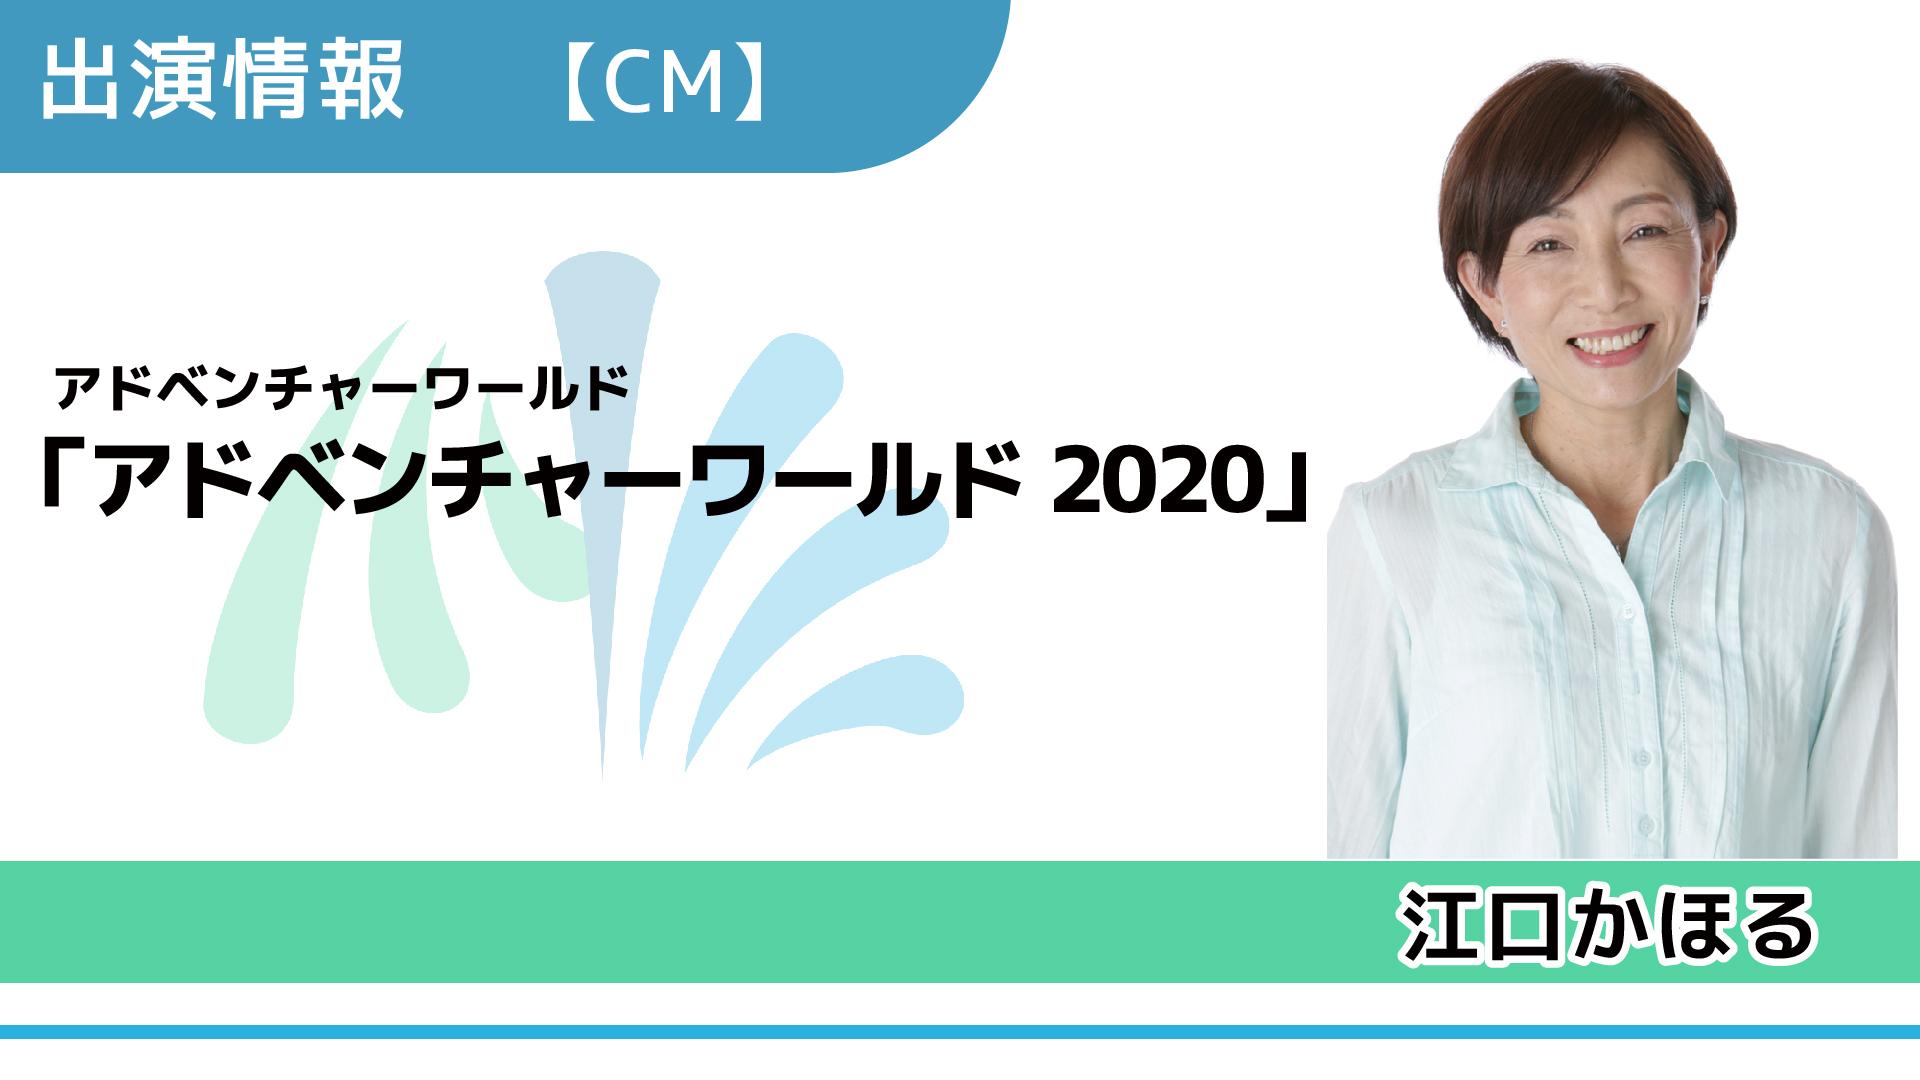 【出演情報】江口かほる / 「アドベンチャーワールド2020年春」CM出演